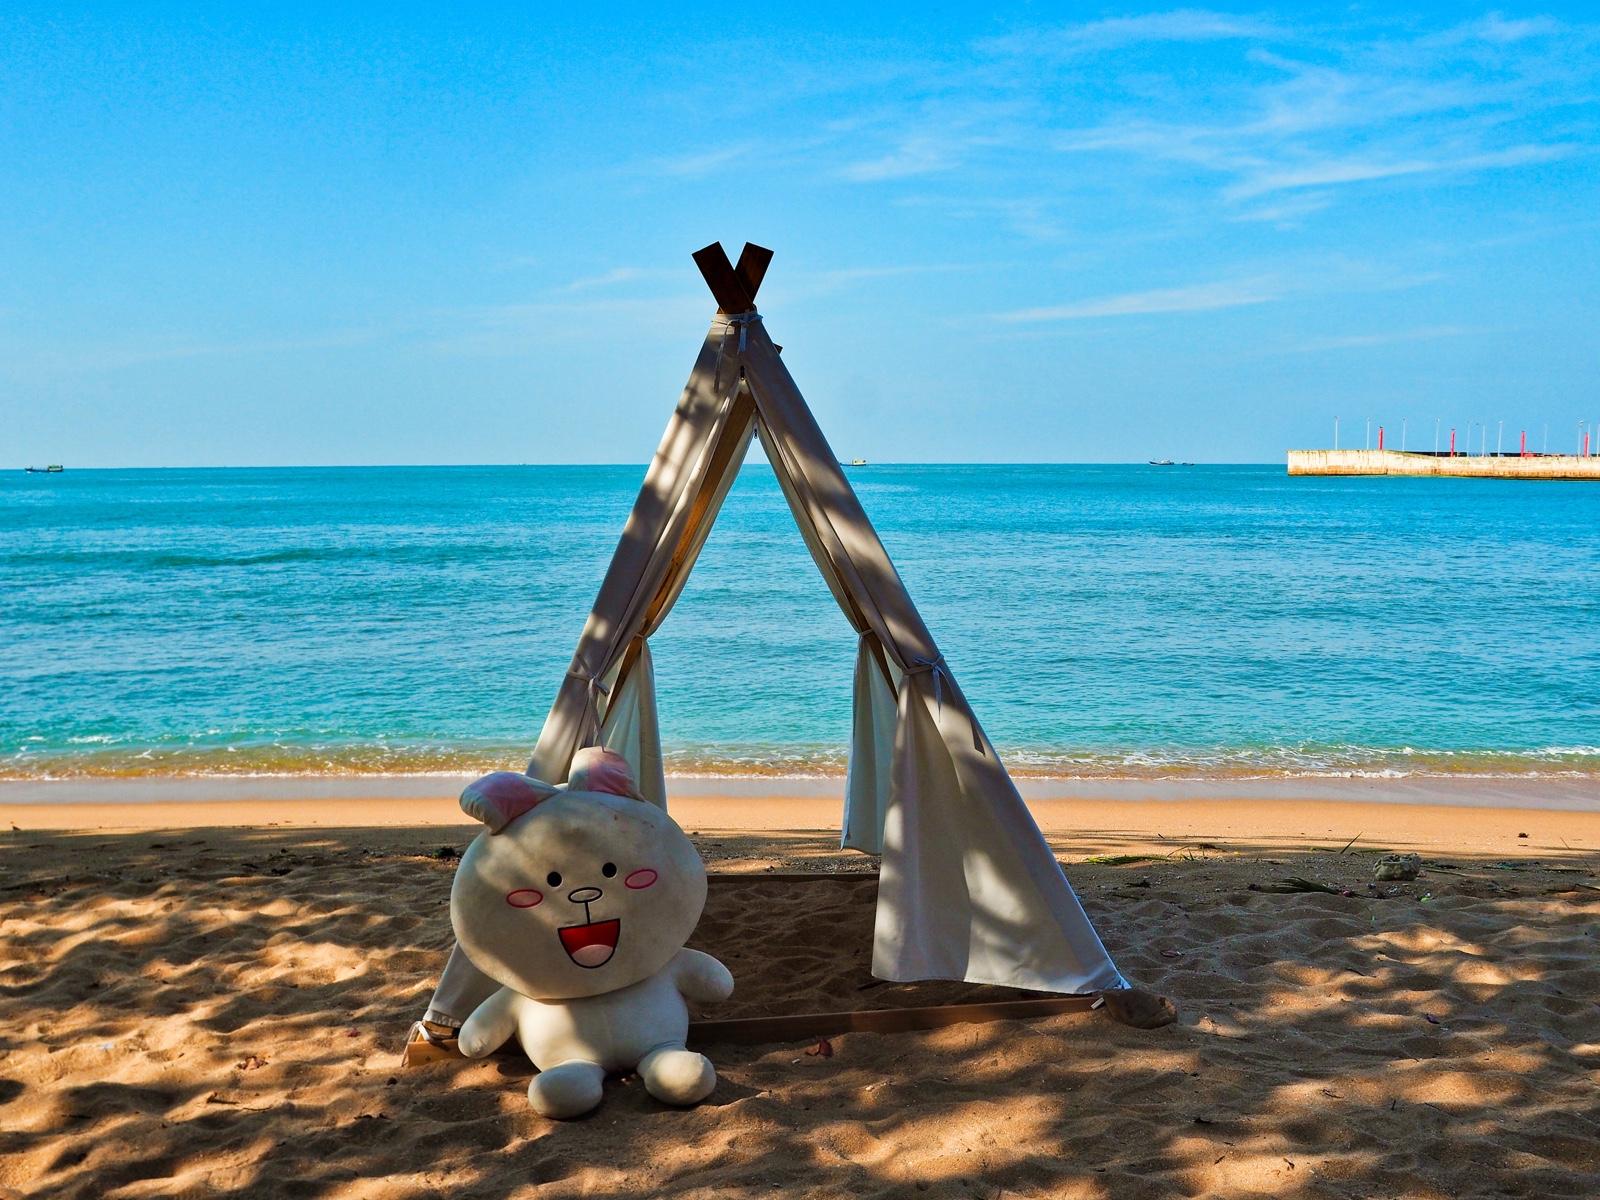 【年末去哪玩】5天4晚暴走海南岛,玩最精华的美景,吃最地道的美味